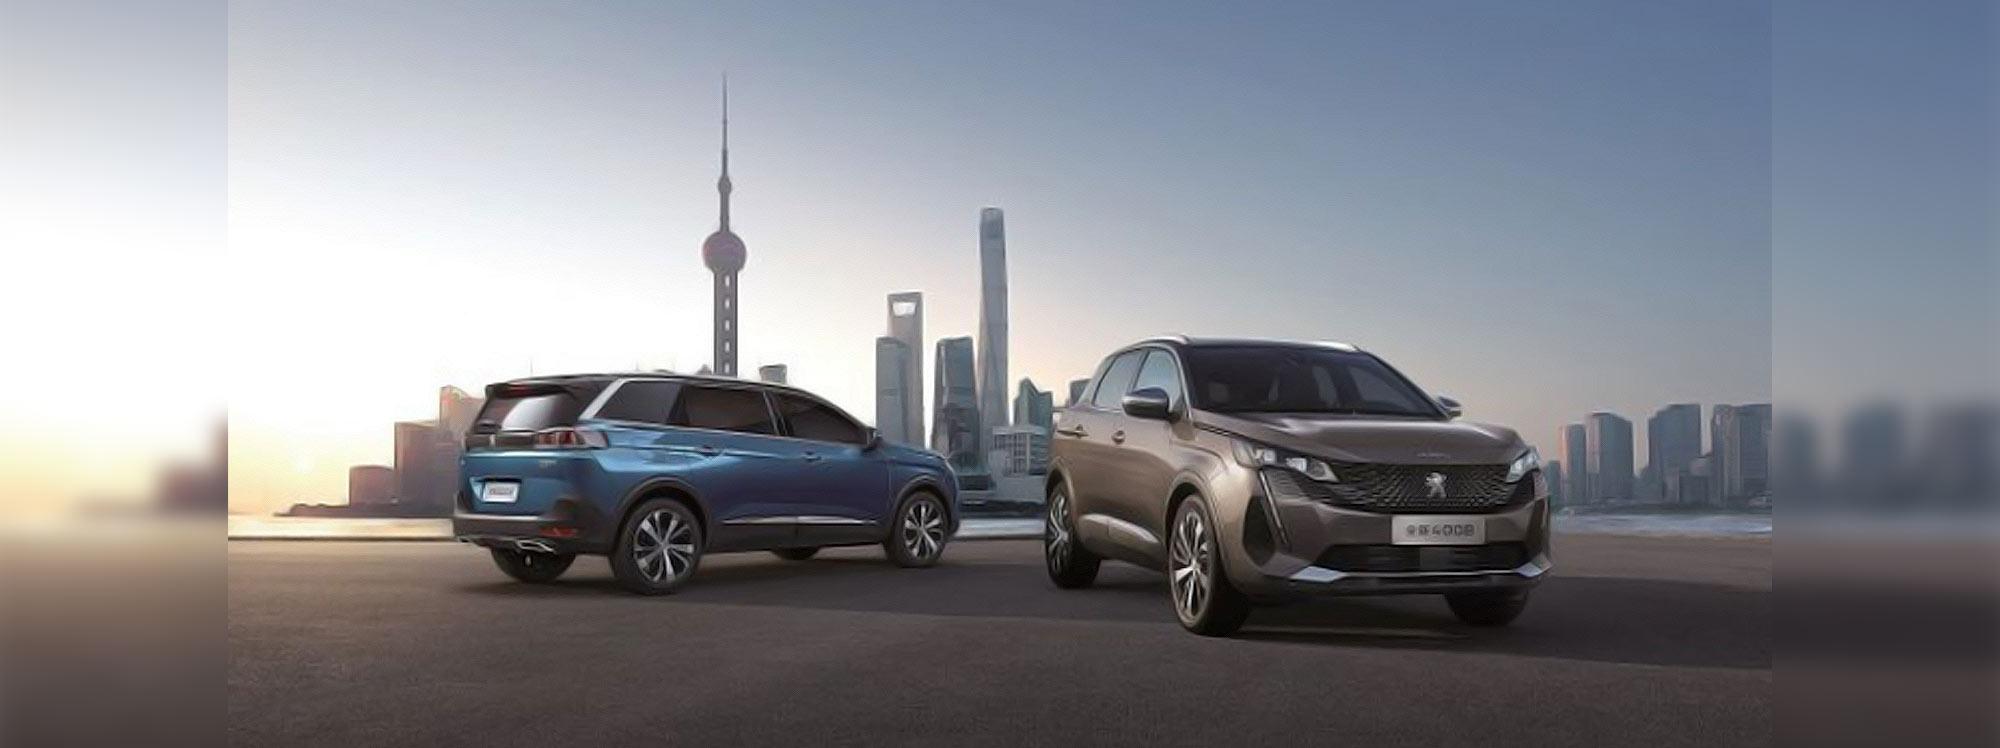 Peugeot presenta su nueva gama de vehículos SUV